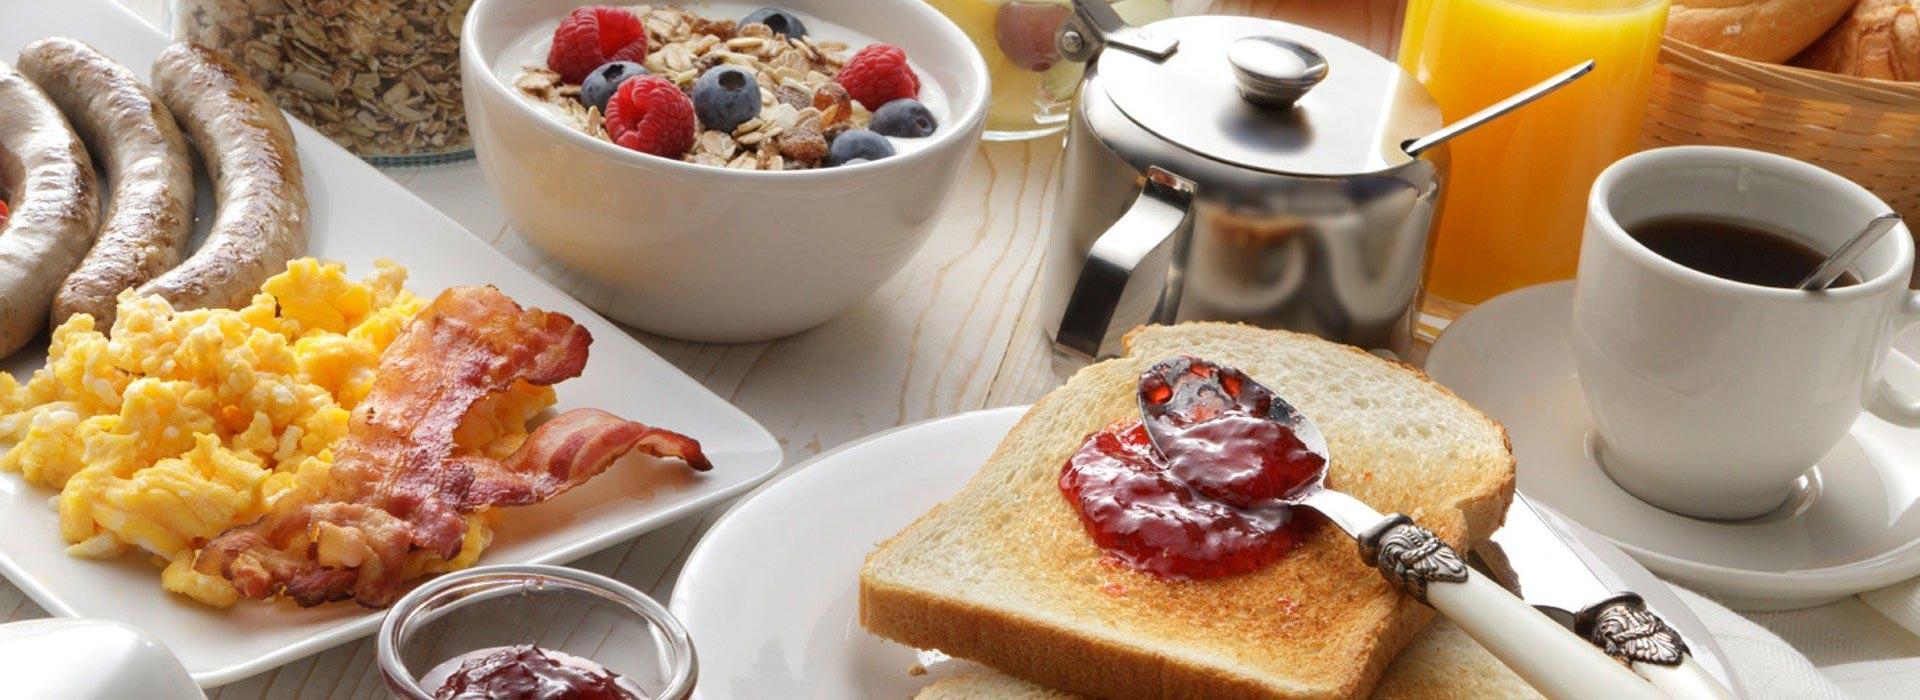 Frühstück im Gasthof in Aiterhofen